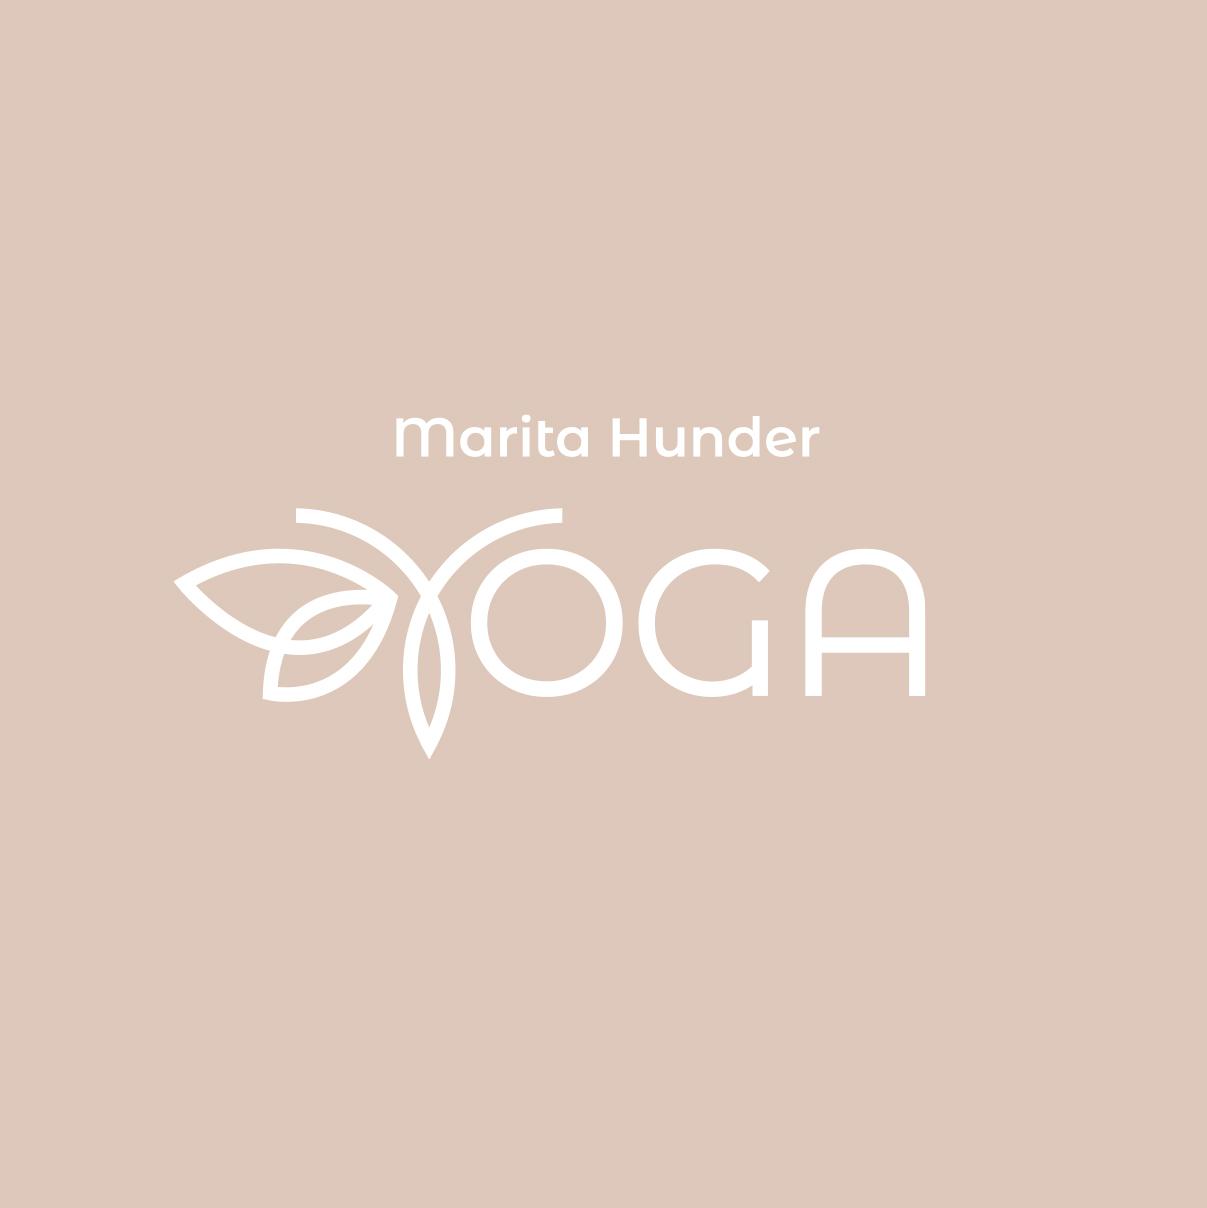 Bilde av logo for Marita Hunder Yoga, laget av Haus Byrå